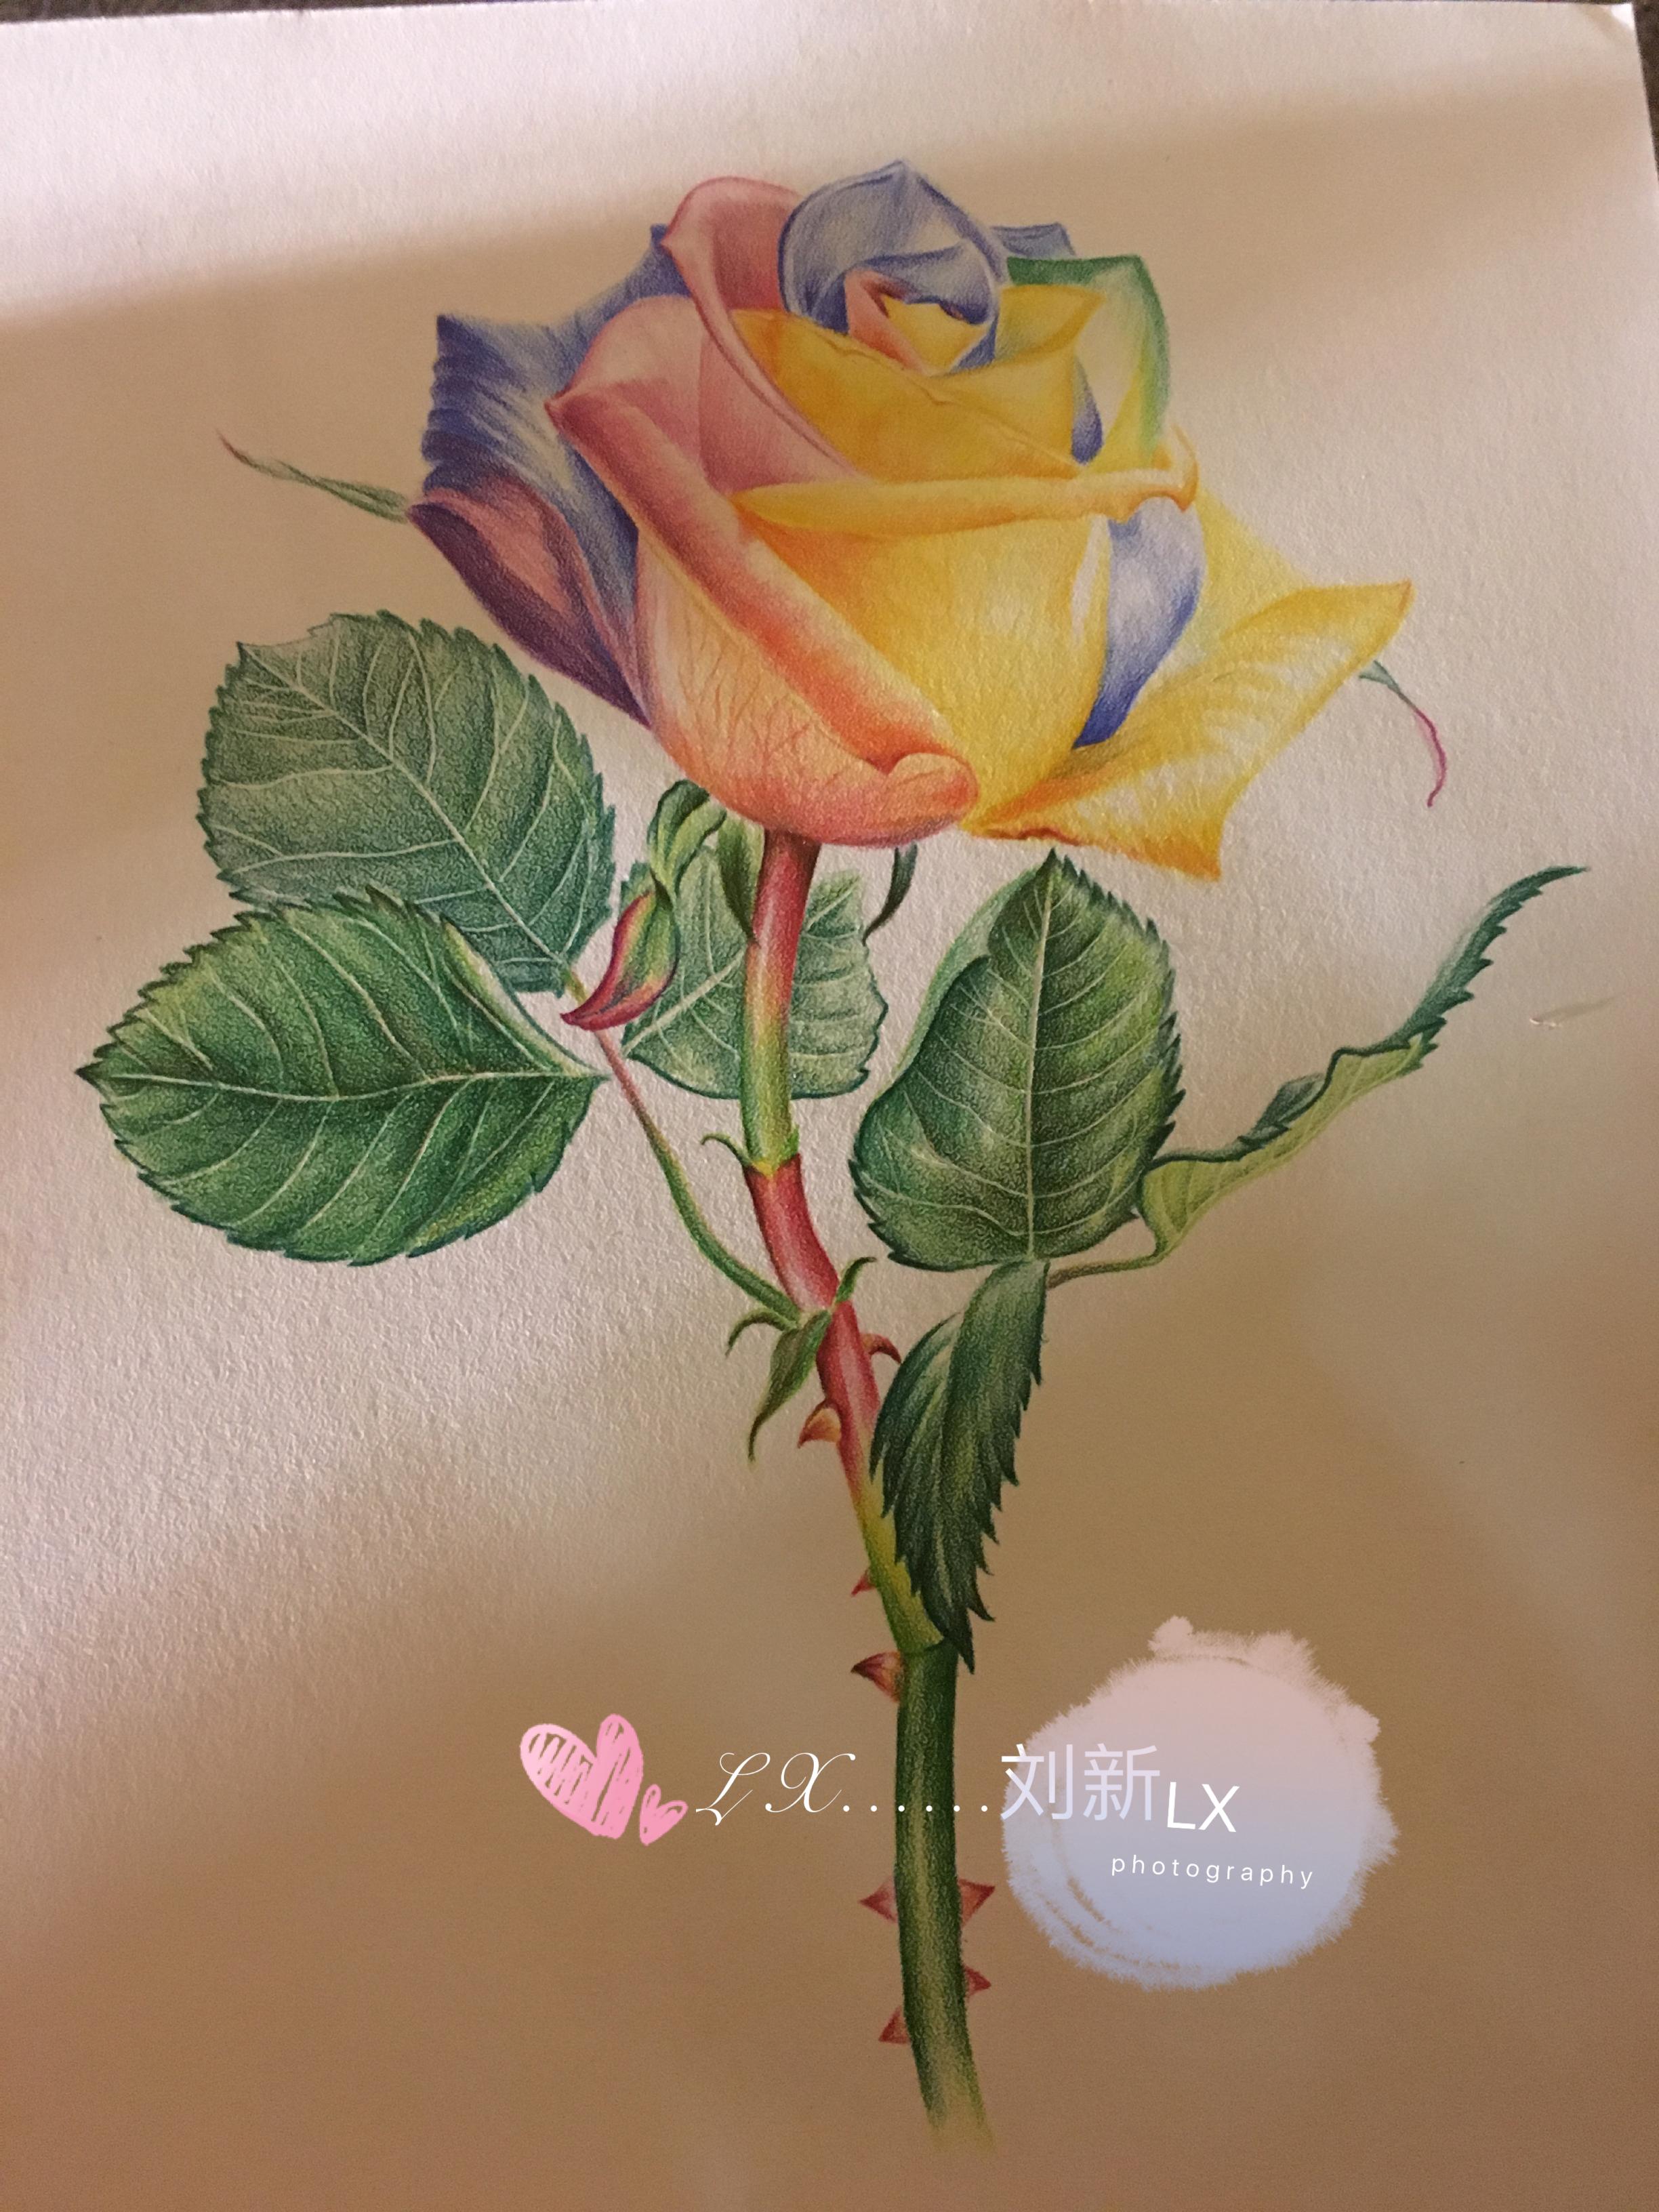 彩色玫瑰花|纯艺术|彩铅|刘新ix - 原创作品 - 站酷